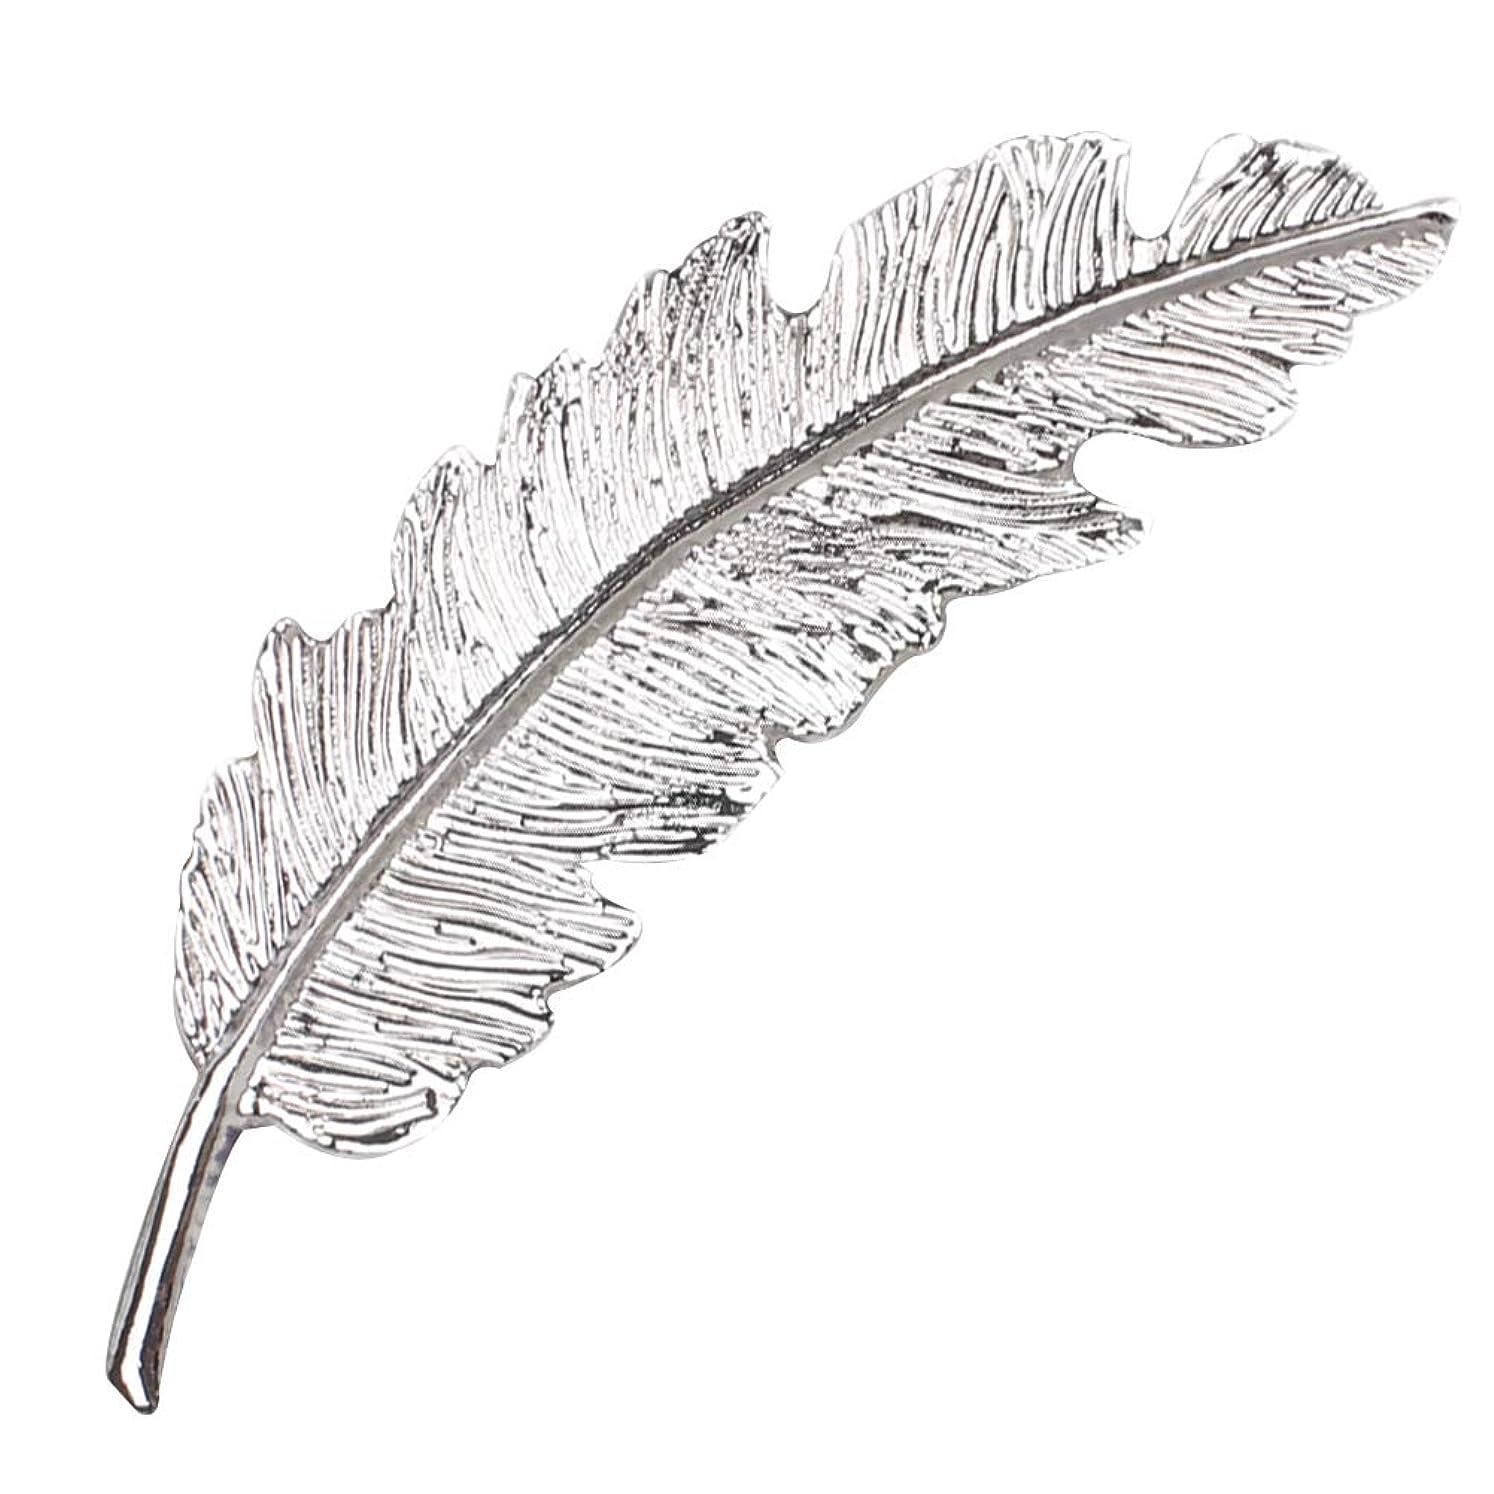 潮現実単独でLURROSE 葉羽スタイルヘアピンクリップピン女性女の子ヘアクリップ爪ブライダルヘアアクセサリー結婚式のため(銀)